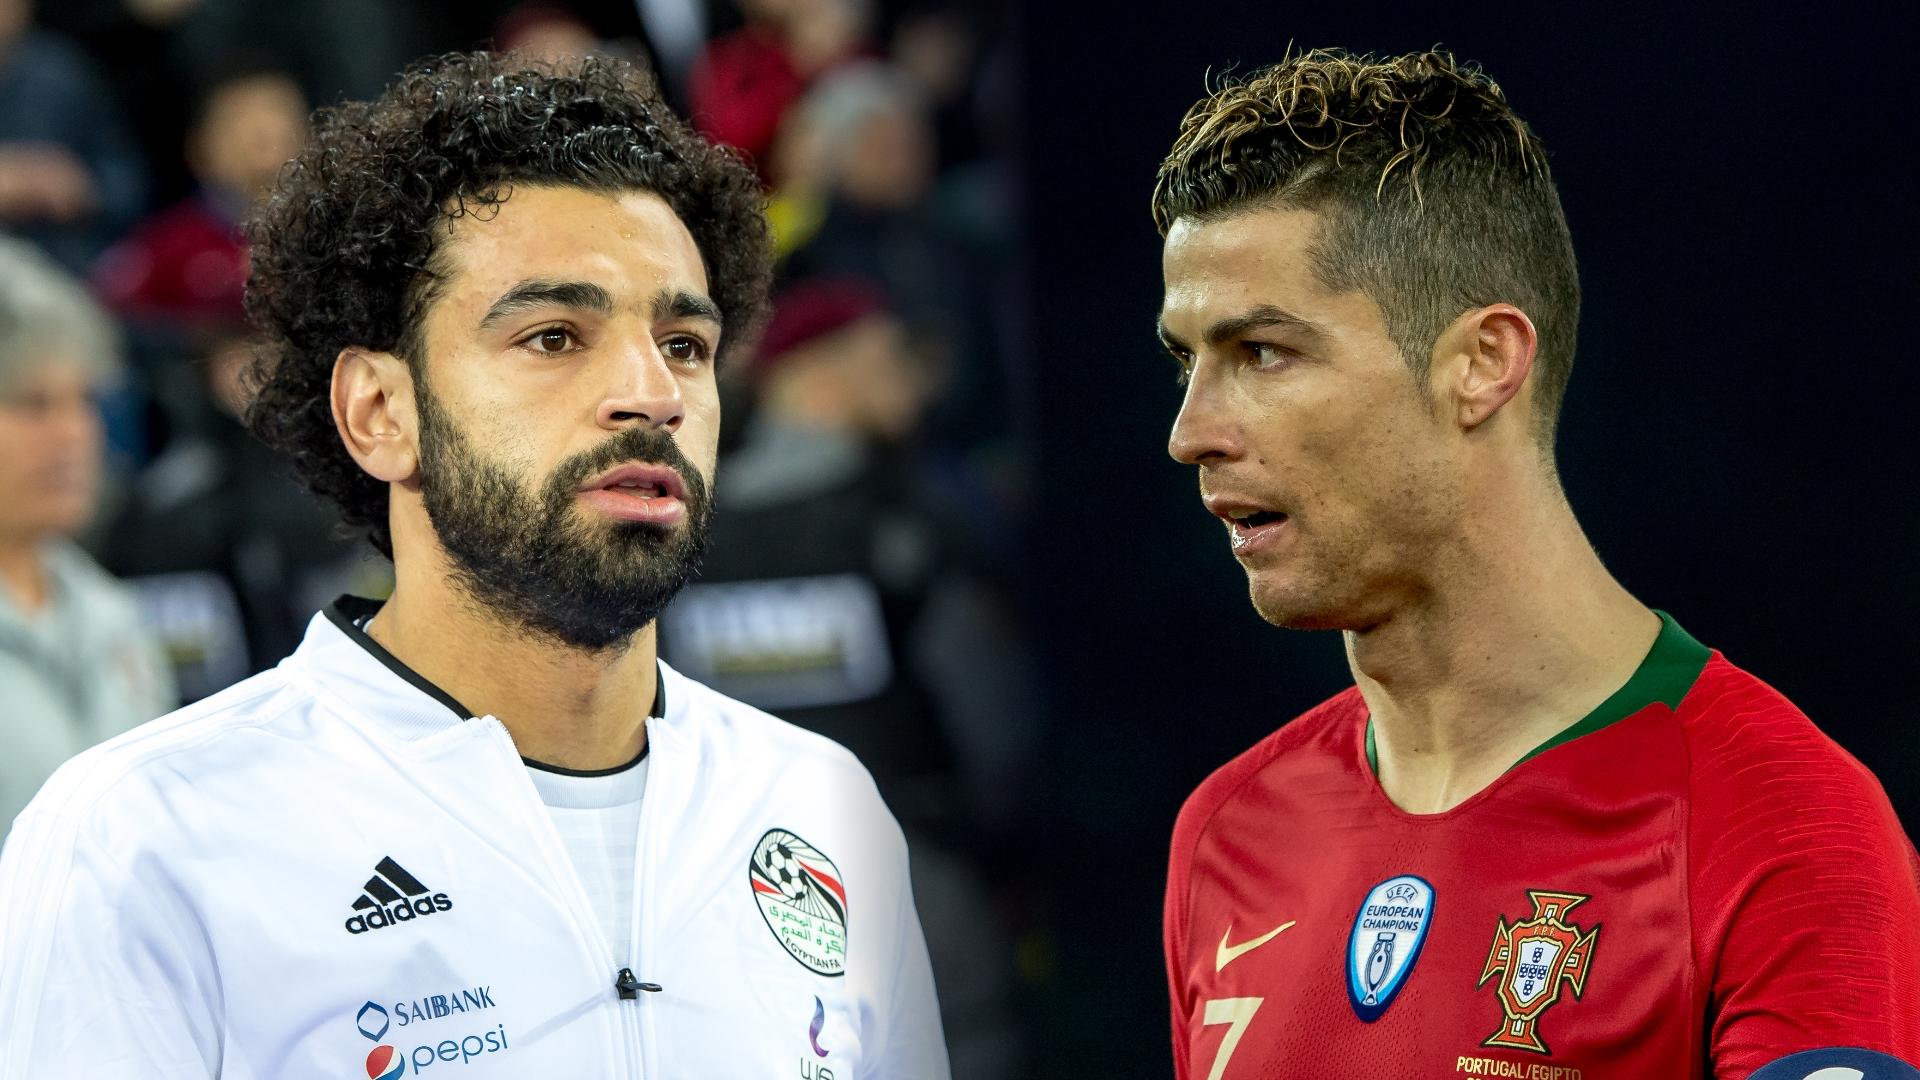 صورة موعد ظهور كريستيانو رونالدو ومحمد صلاح اليوم في الدوري الإنجليزي بتوقيت الإمارات